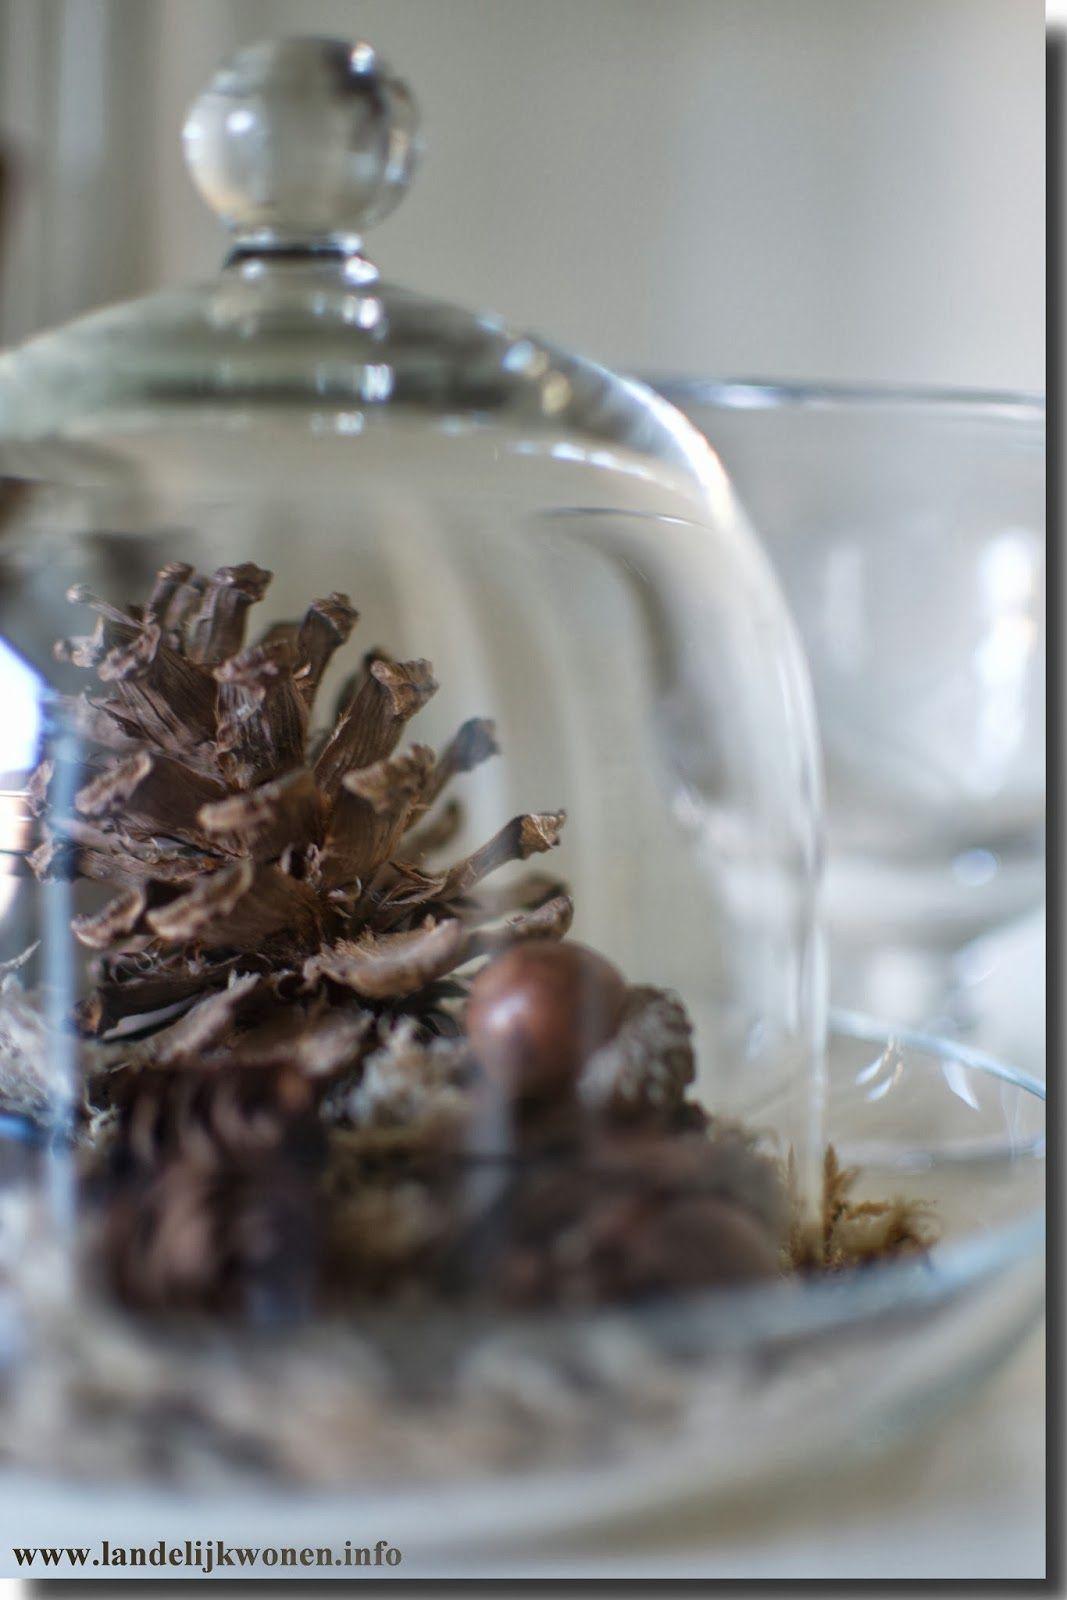 Cloche | Glass cloche, Cloche domes, Fall deco